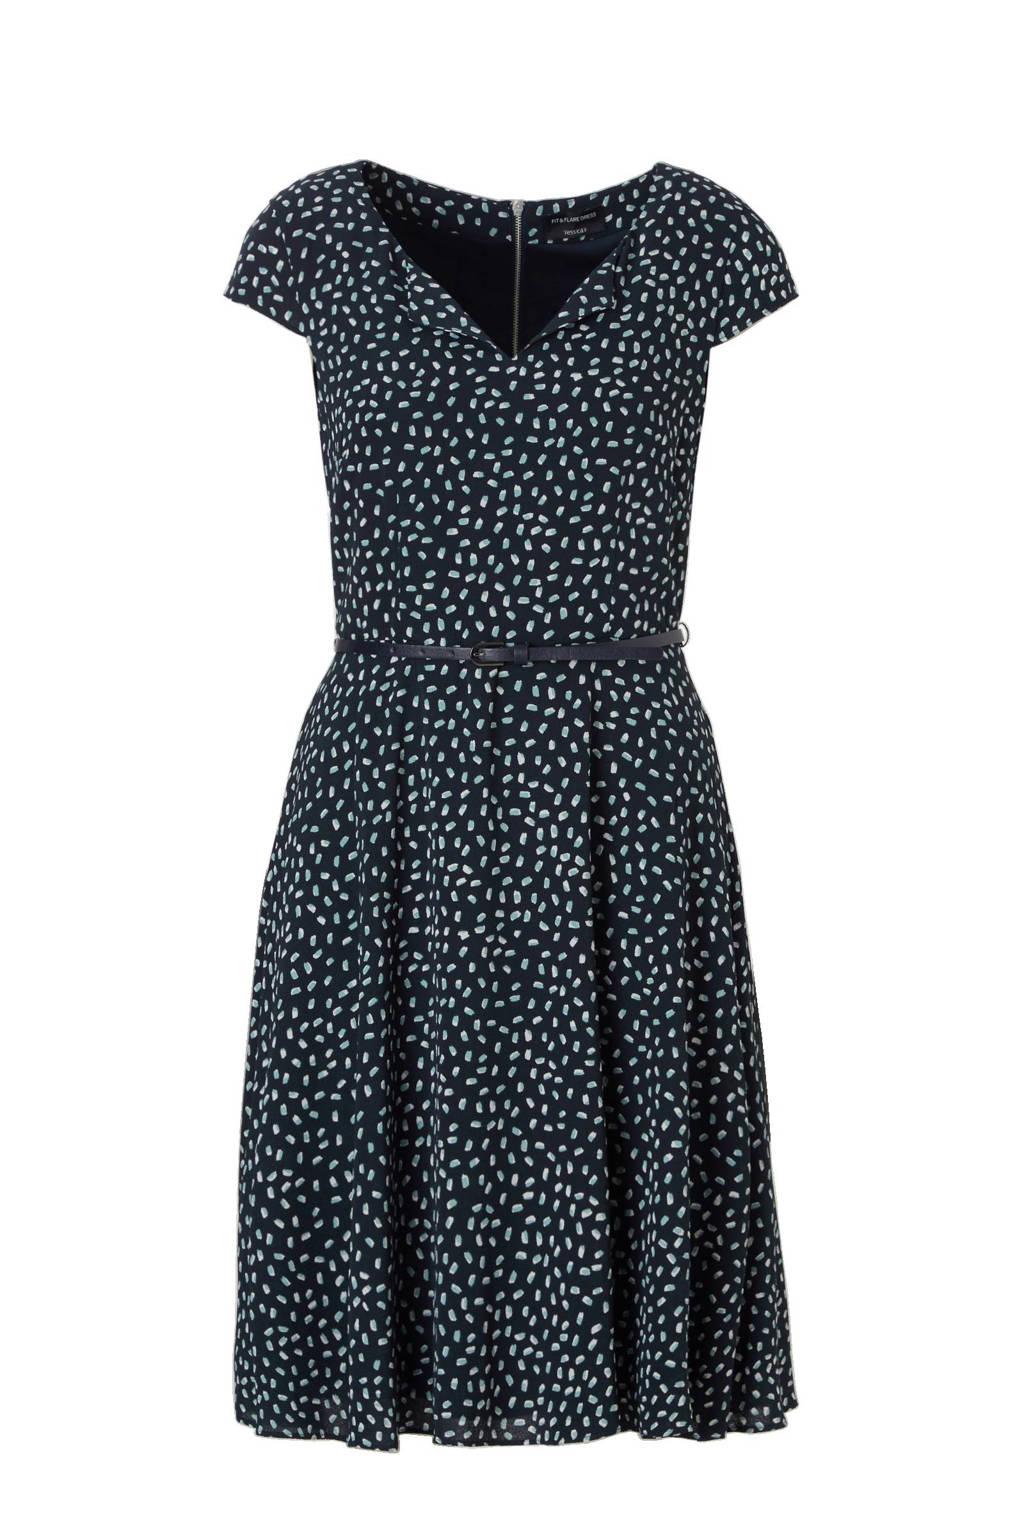 C&A Yessica A-lijn jurk met all-over print zwart, Donkerblauw